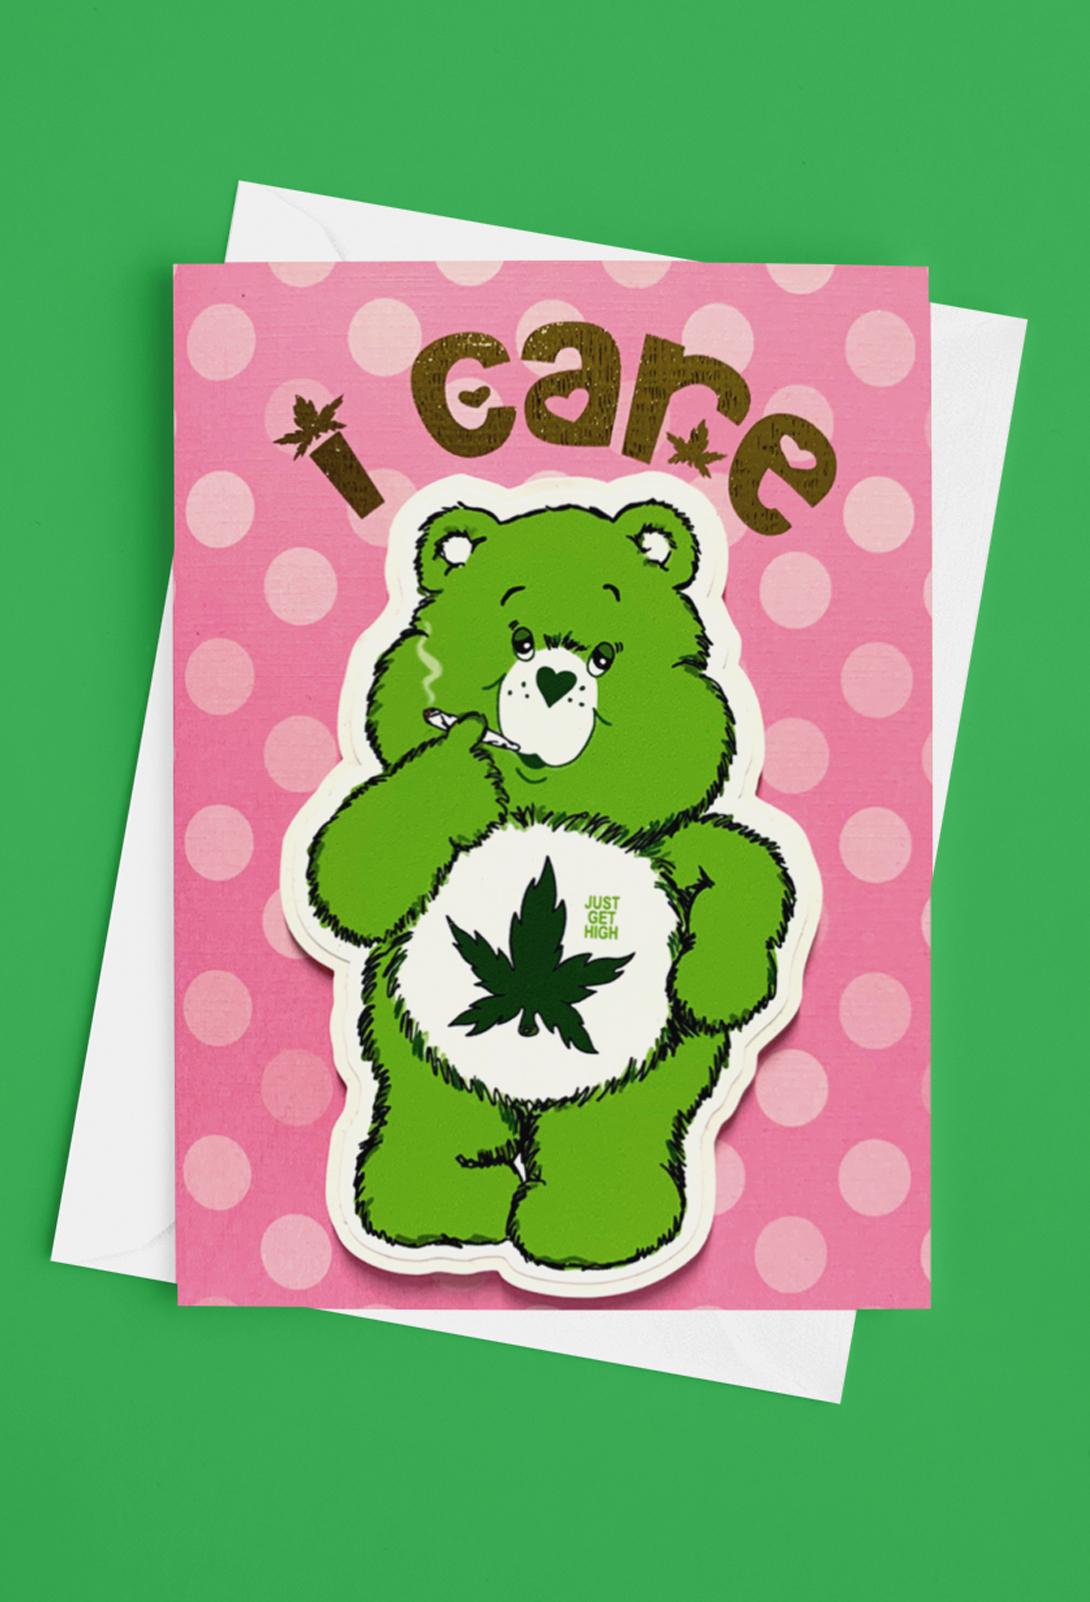 just get high_sticker card_cannabear_new